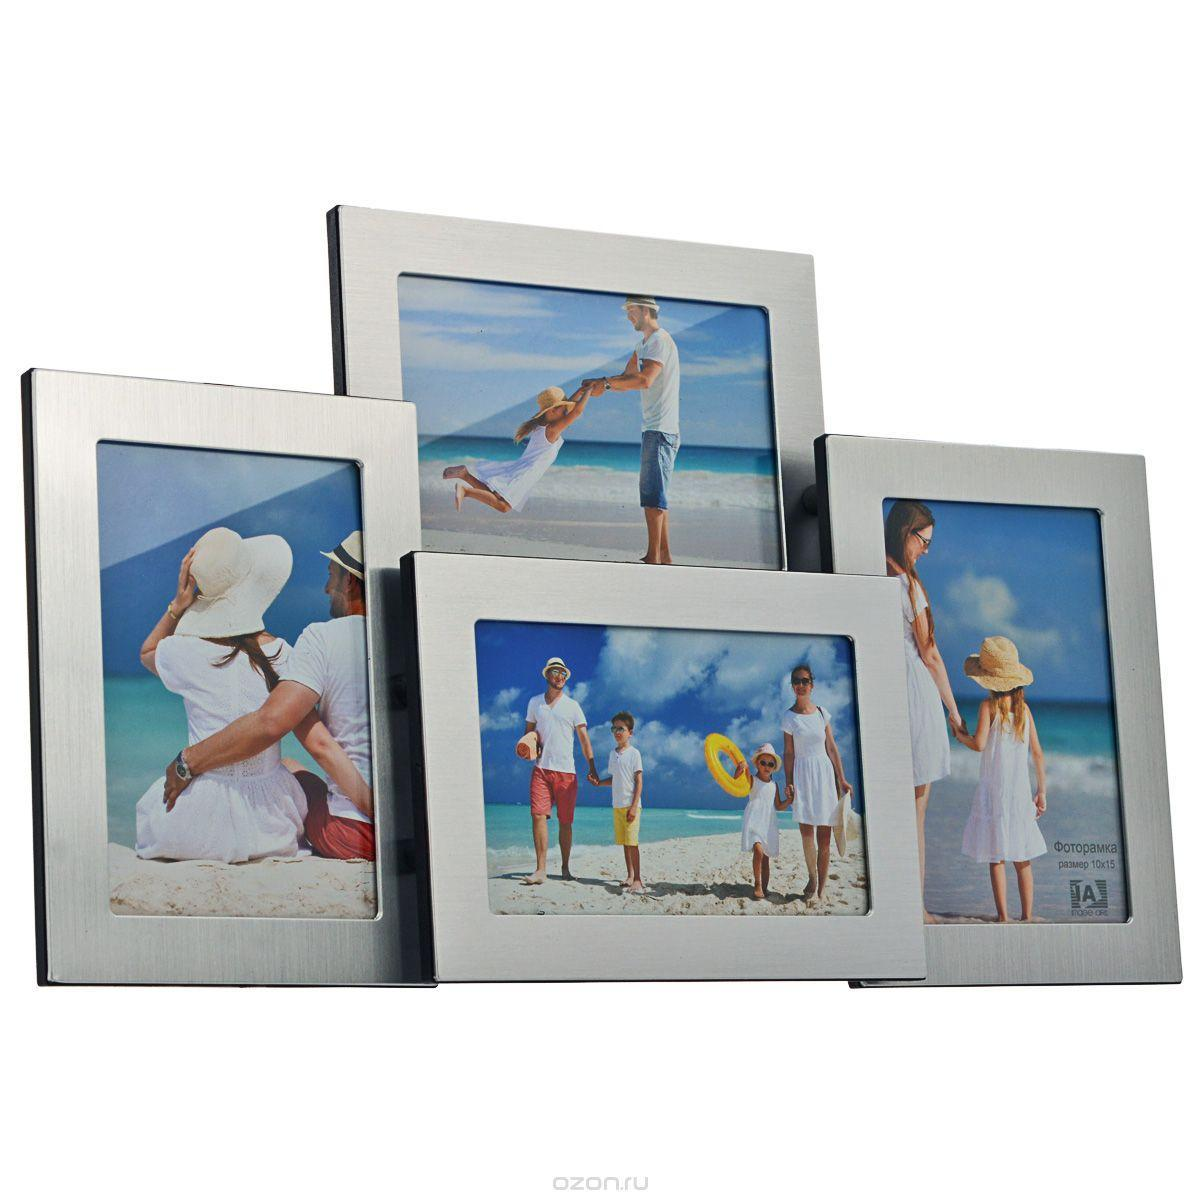 Фоторамка Image Art, цвет: серебристый, на 4 фото, 10 х 15 см 5055398692677Брелок для ключейФоторамка-коллаж Image Art - прекрасный способ красиво оформить ваши фотографии. Изделие рассчитано на 4 фотографии. Фоторамка выполнена из алюминия и пластика и защищена стеклом. Фоторамку можно поставить на стол или подвесить на стену, для чего с задней стороны предусмотрены специальные отверстия. Такая фоторамка поможет сохранить на память самые яркие моменты вашей жизни, а стильный дизайн сделает ее прекрасным дополнением интерьера.